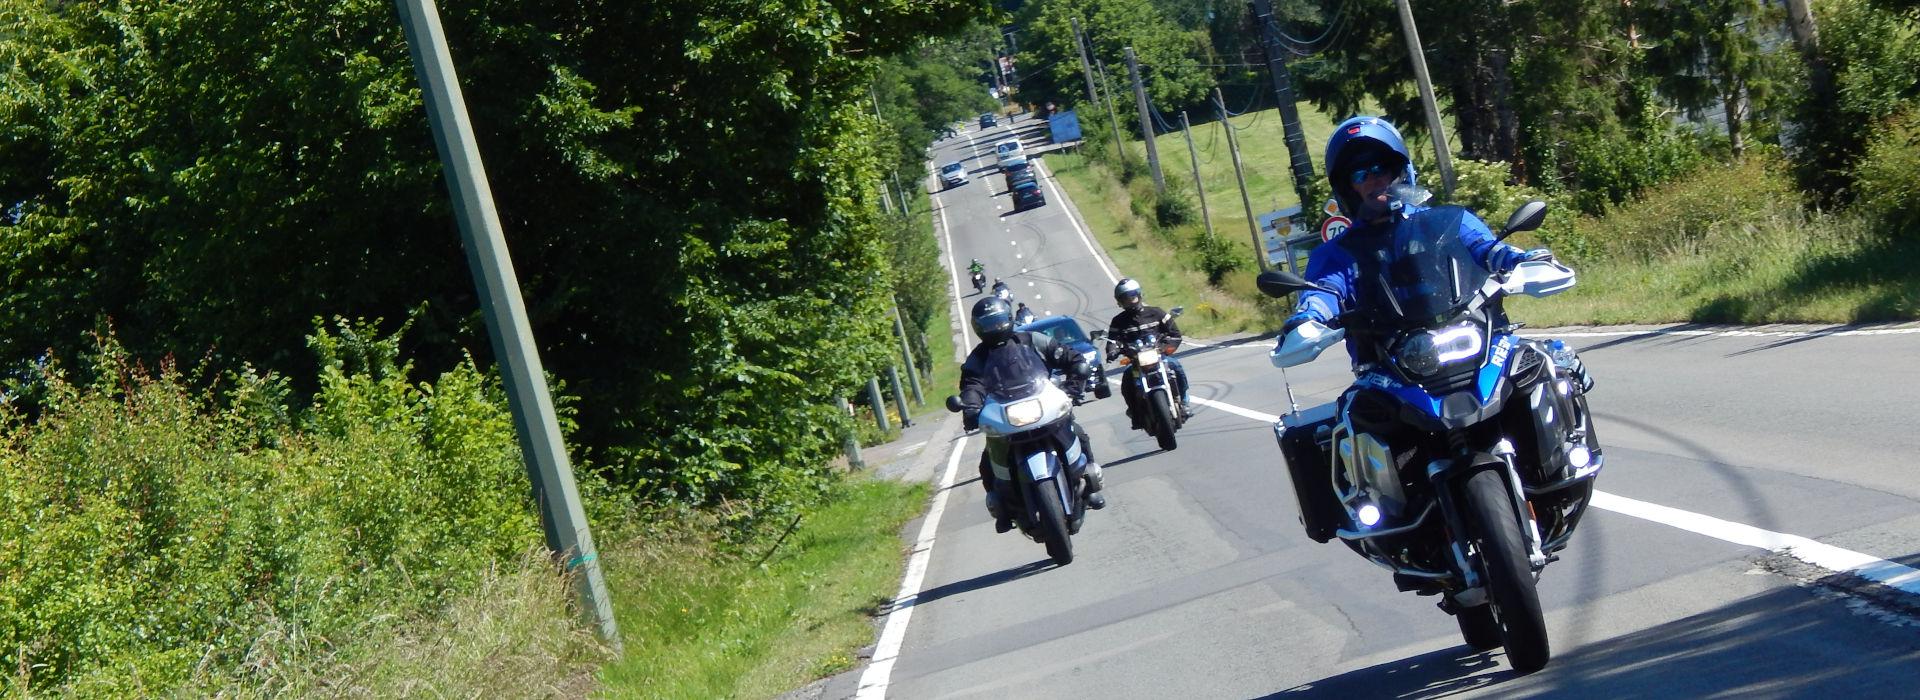 Motorrijbewijspoint Oosthuizen spoed motorrijbewijs